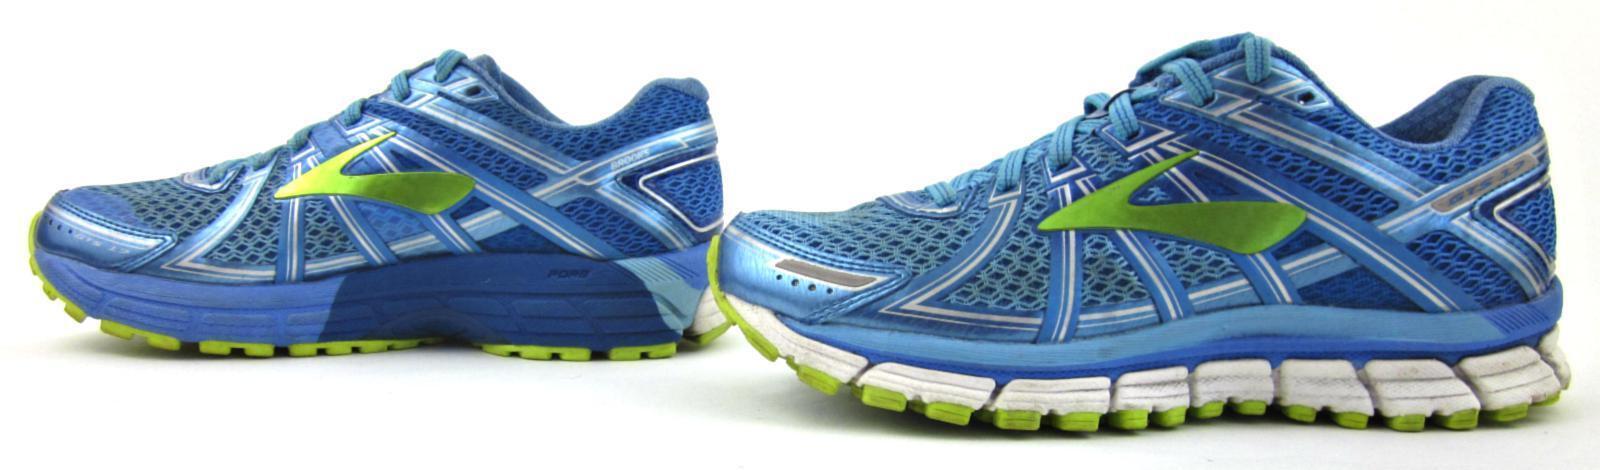 Brooks Adrenaline GTS-17 femmes   Running   Chaussures  Azure bleu Lime Punch US 6.5B 8a8d6b